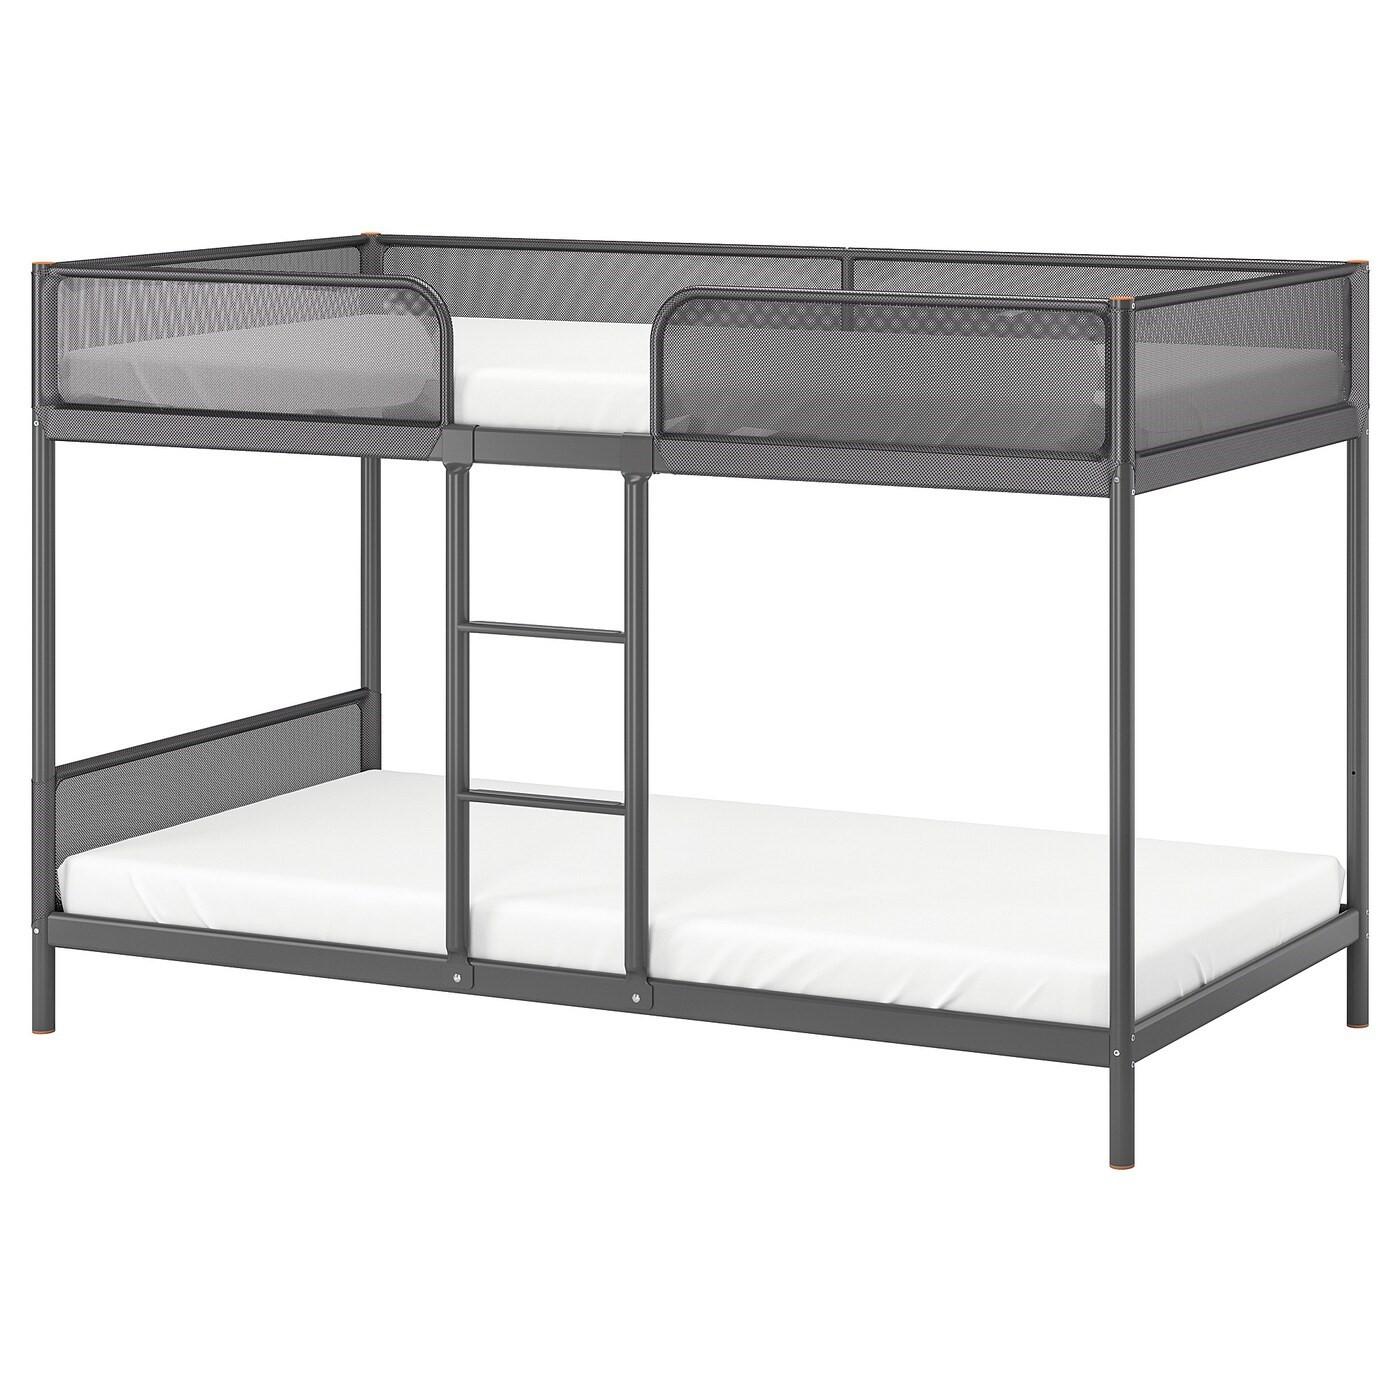 IKEA ТУФФИНГ Двухъярусная кровать, 90x200 см 002.392.33